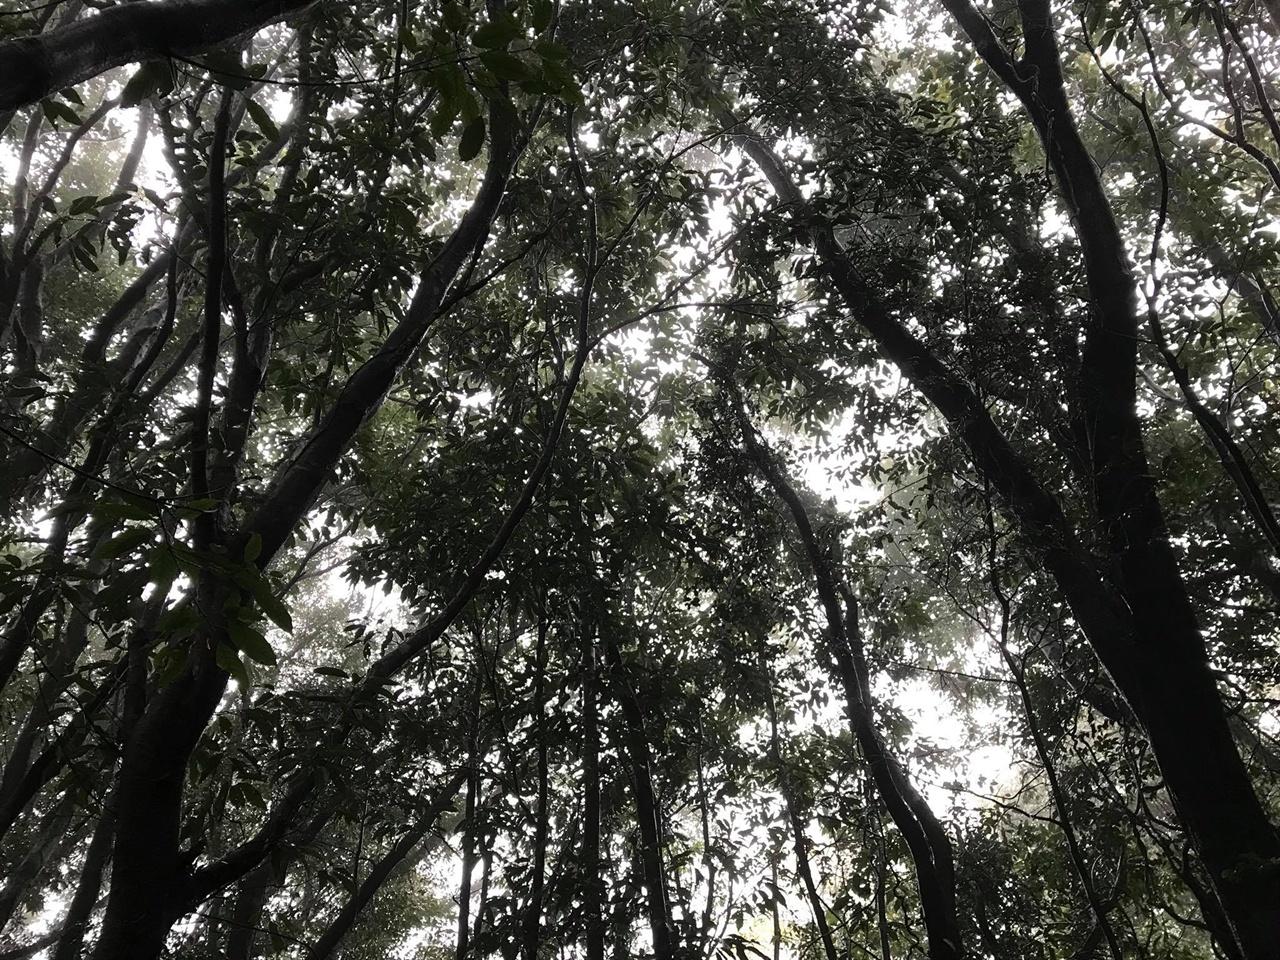 비오는 날의 숲 용암이 흘러간 길을 따라